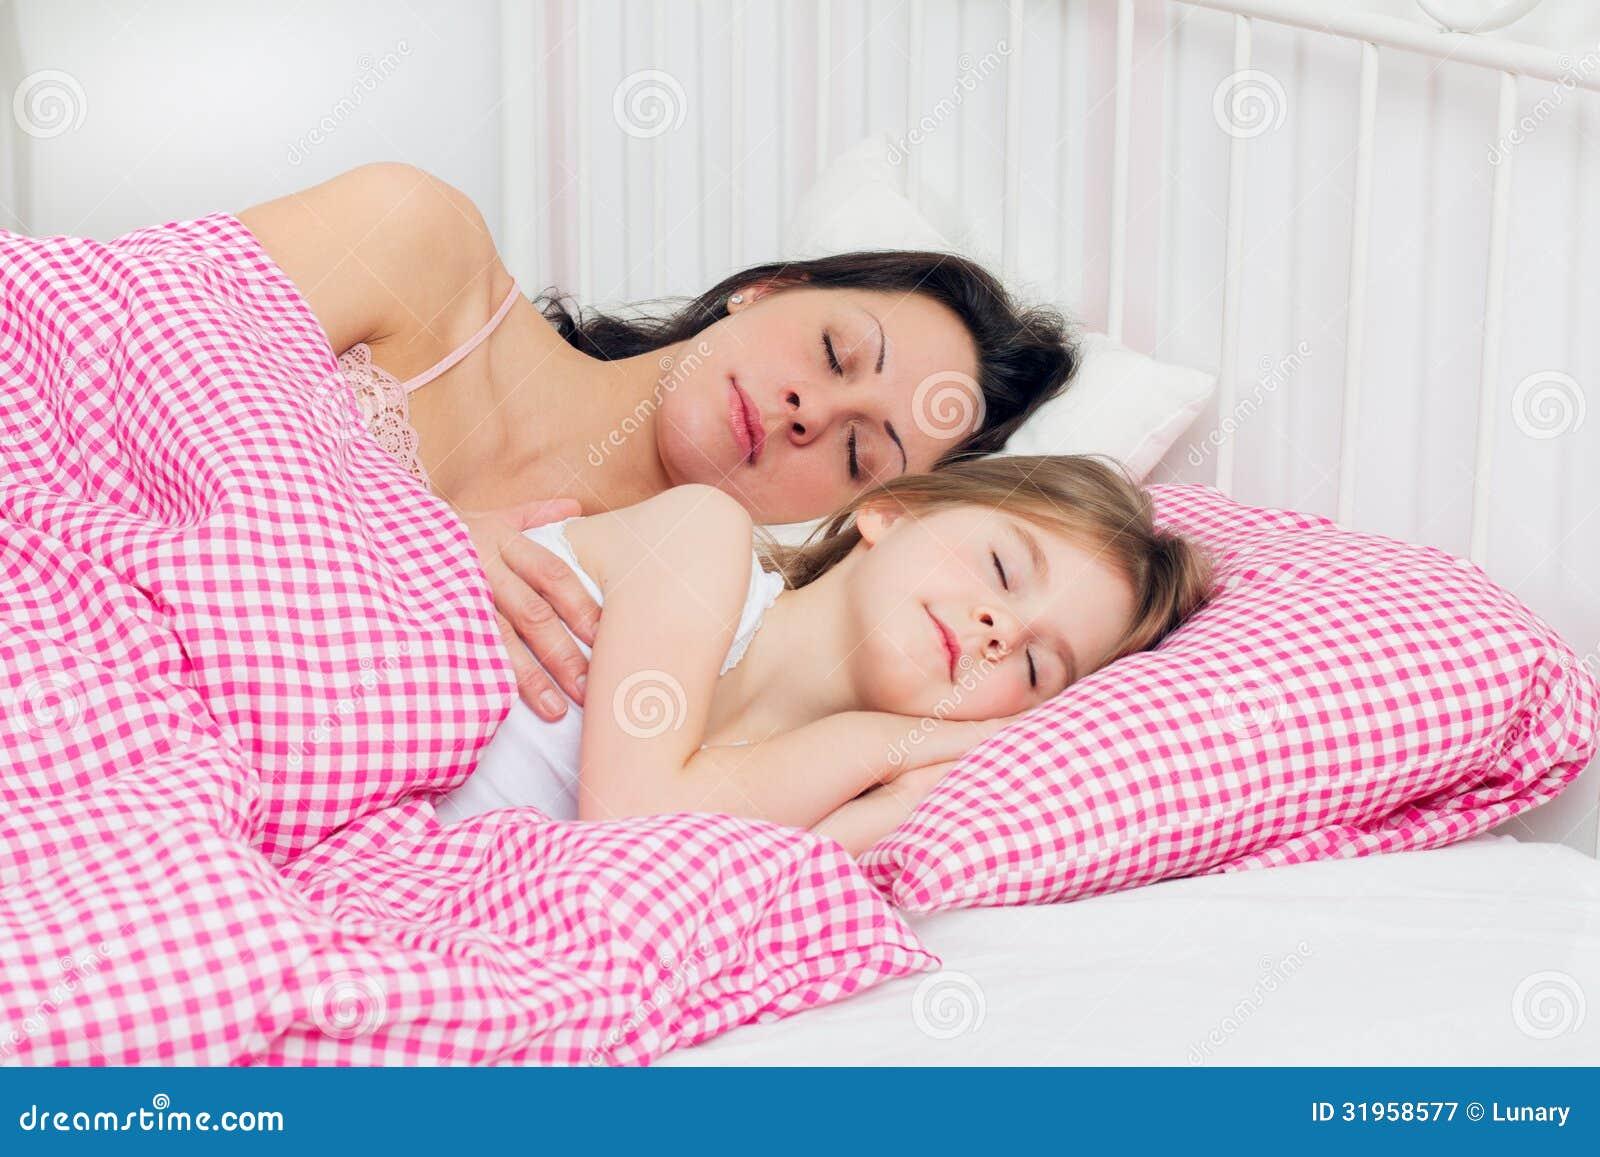 Родители и спящая дочь 1 фотография